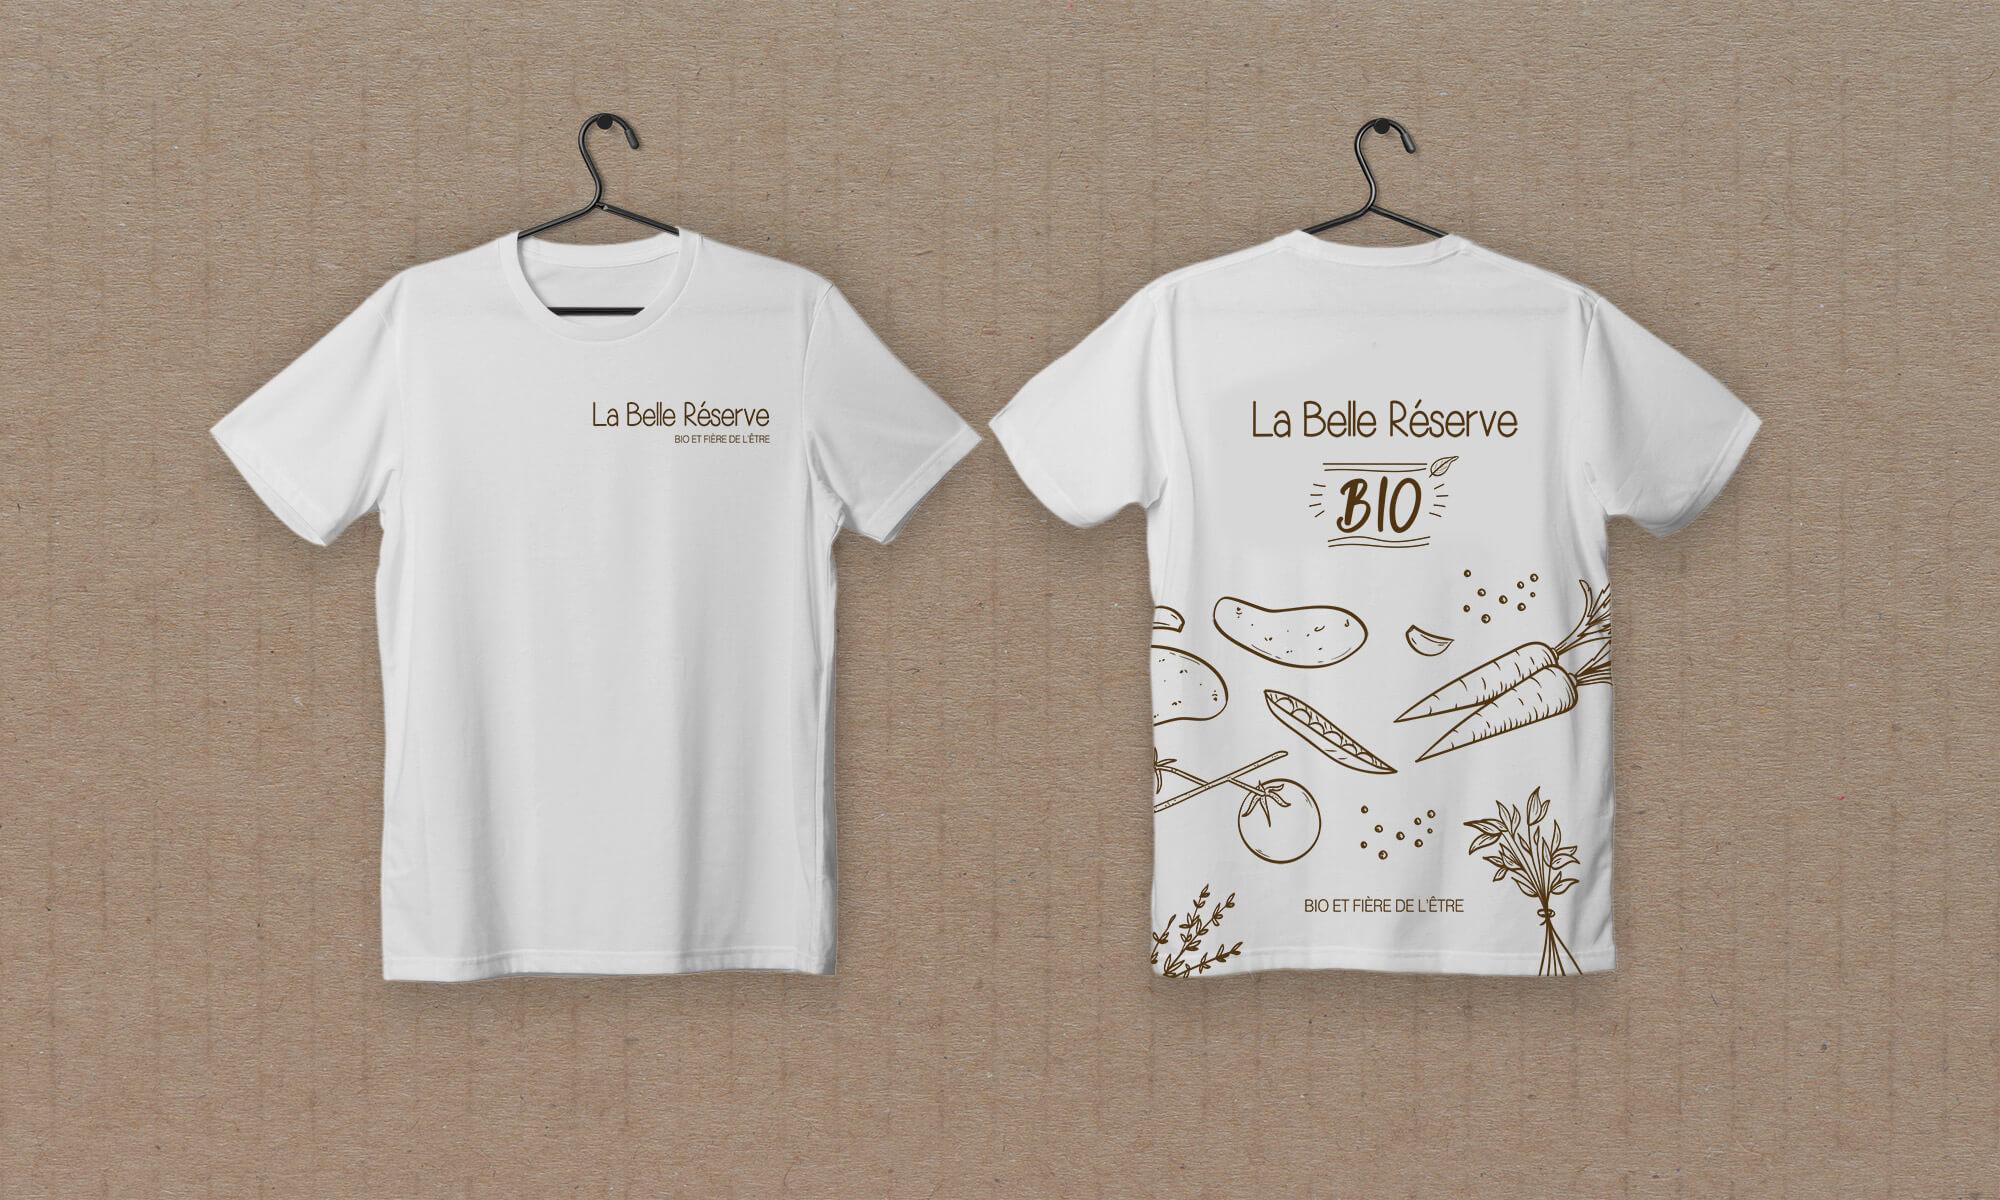 mockup-T-shirt-La-belle-reserve-V2